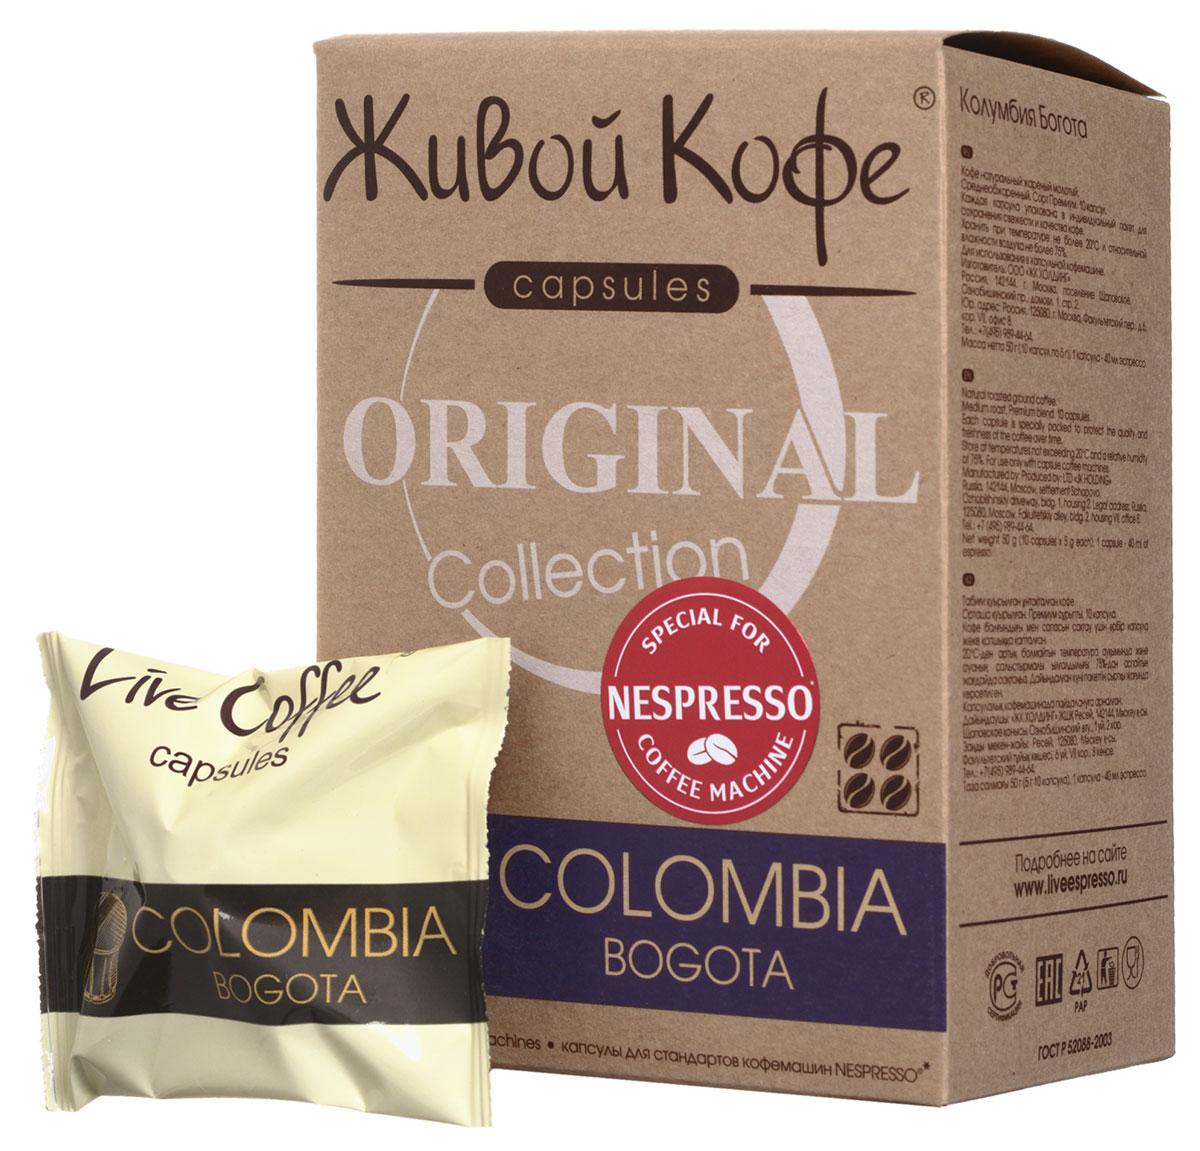 Живой Кофе Colombia Bogota кофе в капсулах (индивидуальная упаковка), 10 шт кофе в капсулах tassimo карт нуар кафе лонг интенс 128г